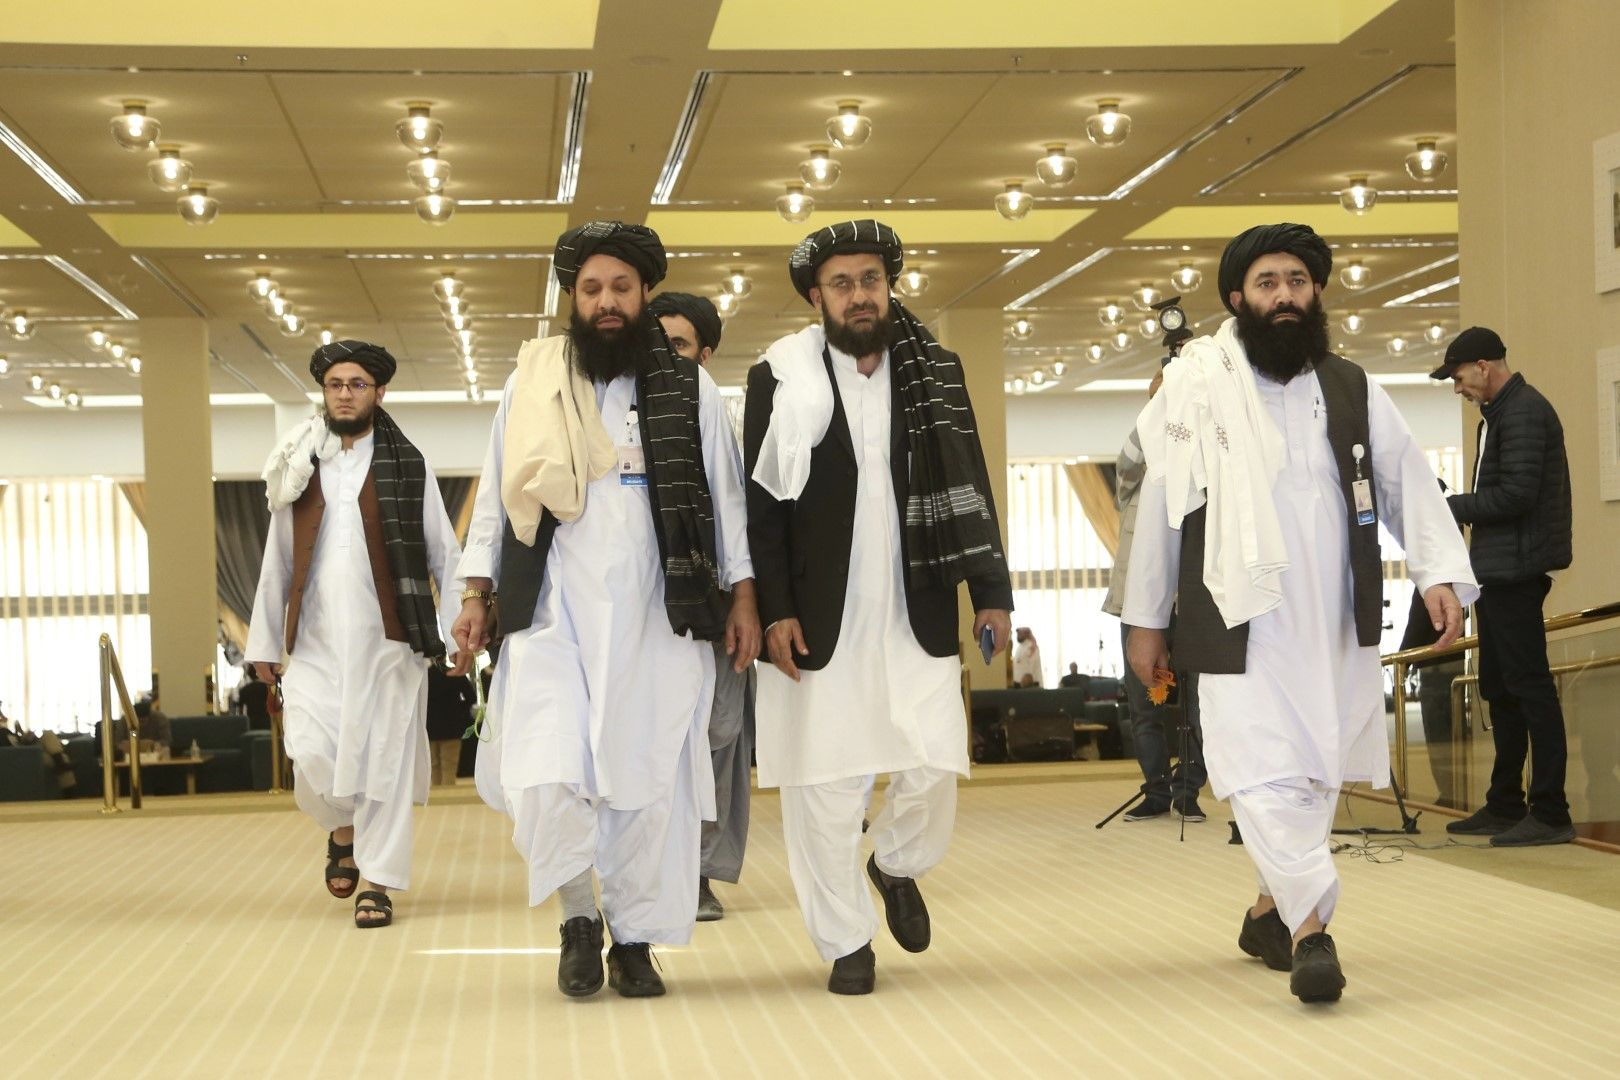 Представители на талибаните подписаха споразумението за мир със САЩ в Доха, Катар, 29 февруари